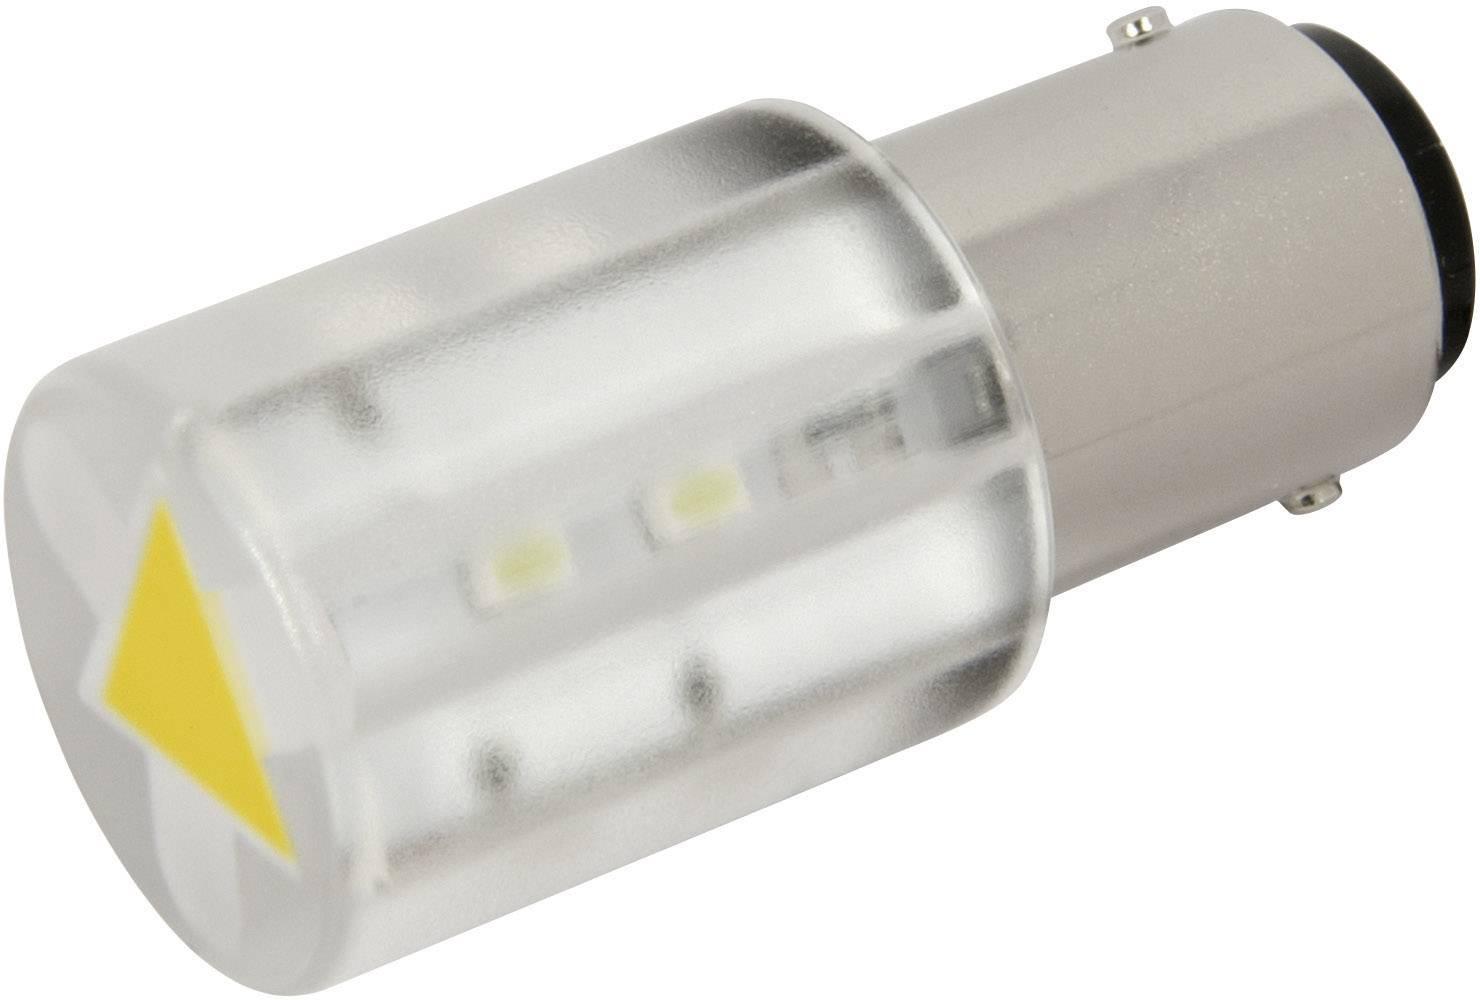 LEDžiarovka CML 18560352, BA15d, 24 V/DC, 24 V/AC, 400 mcd, žltá